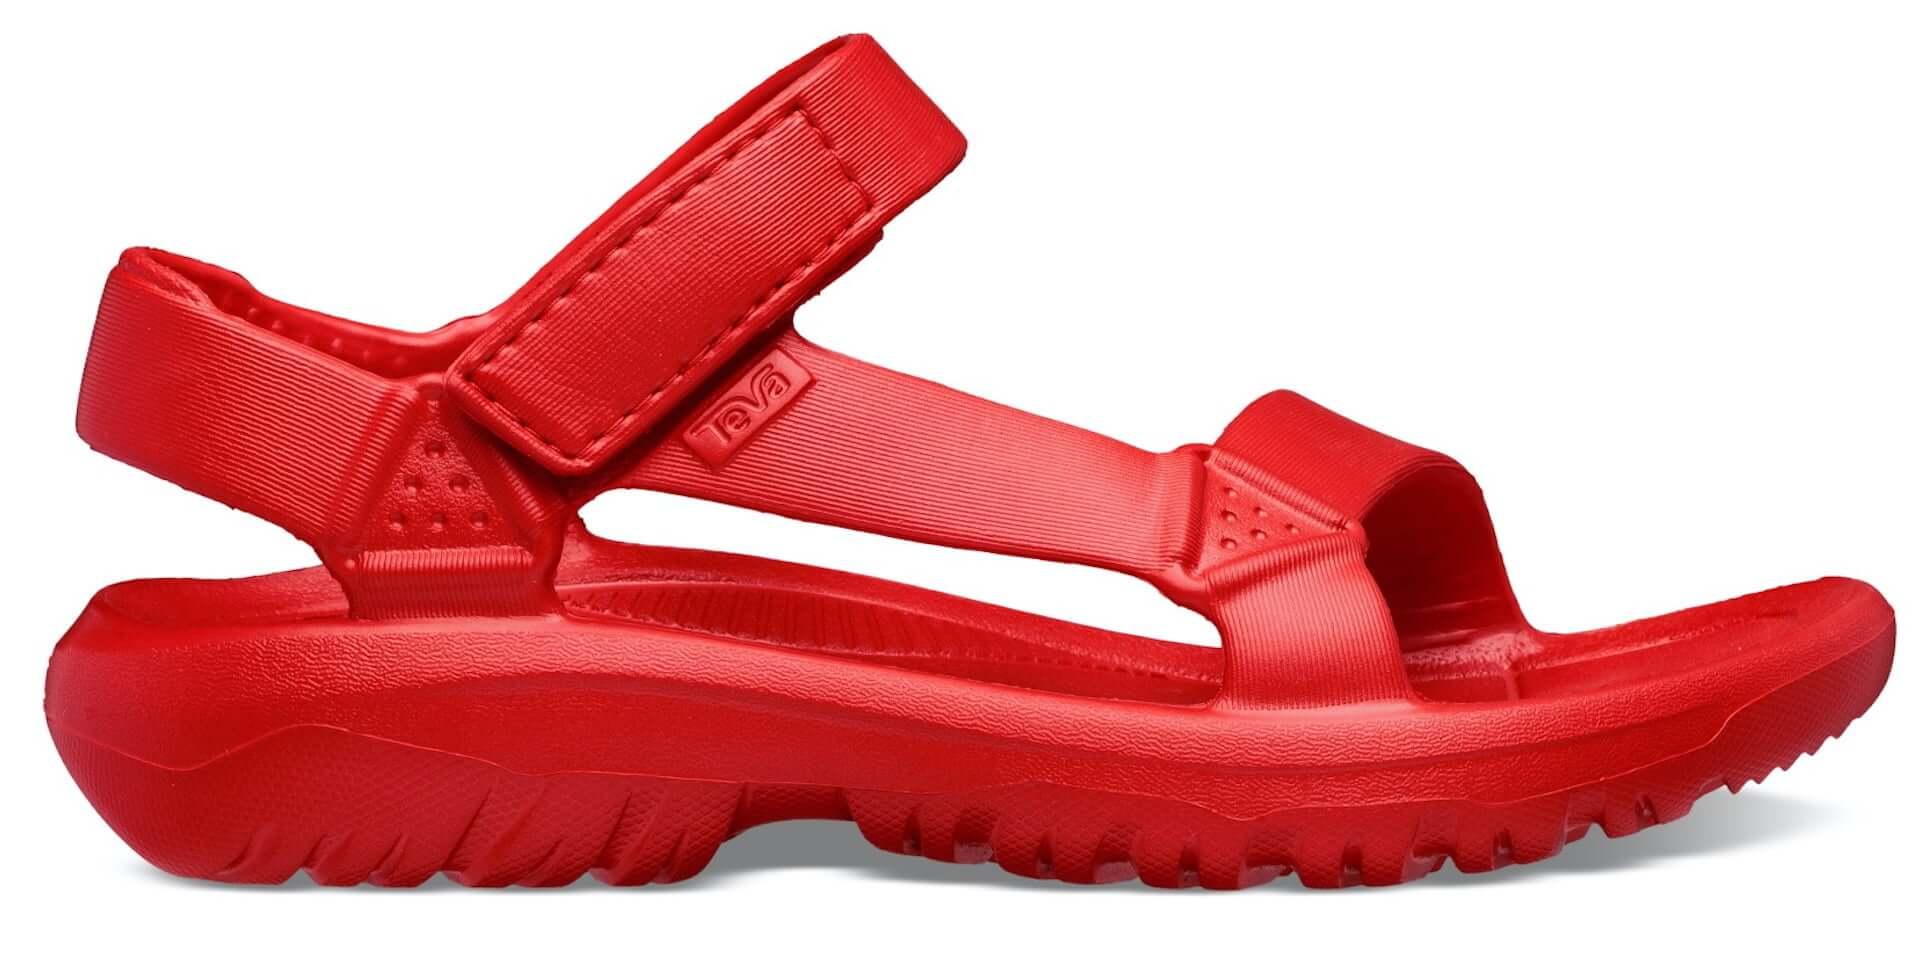 Tevaの濡れてもすぐ乾くスポーツサンダル「DRIFT COLLECTION」が登場!夏にぴったりなビビッドカラーの新色も lf200424_teva_9-1920x963